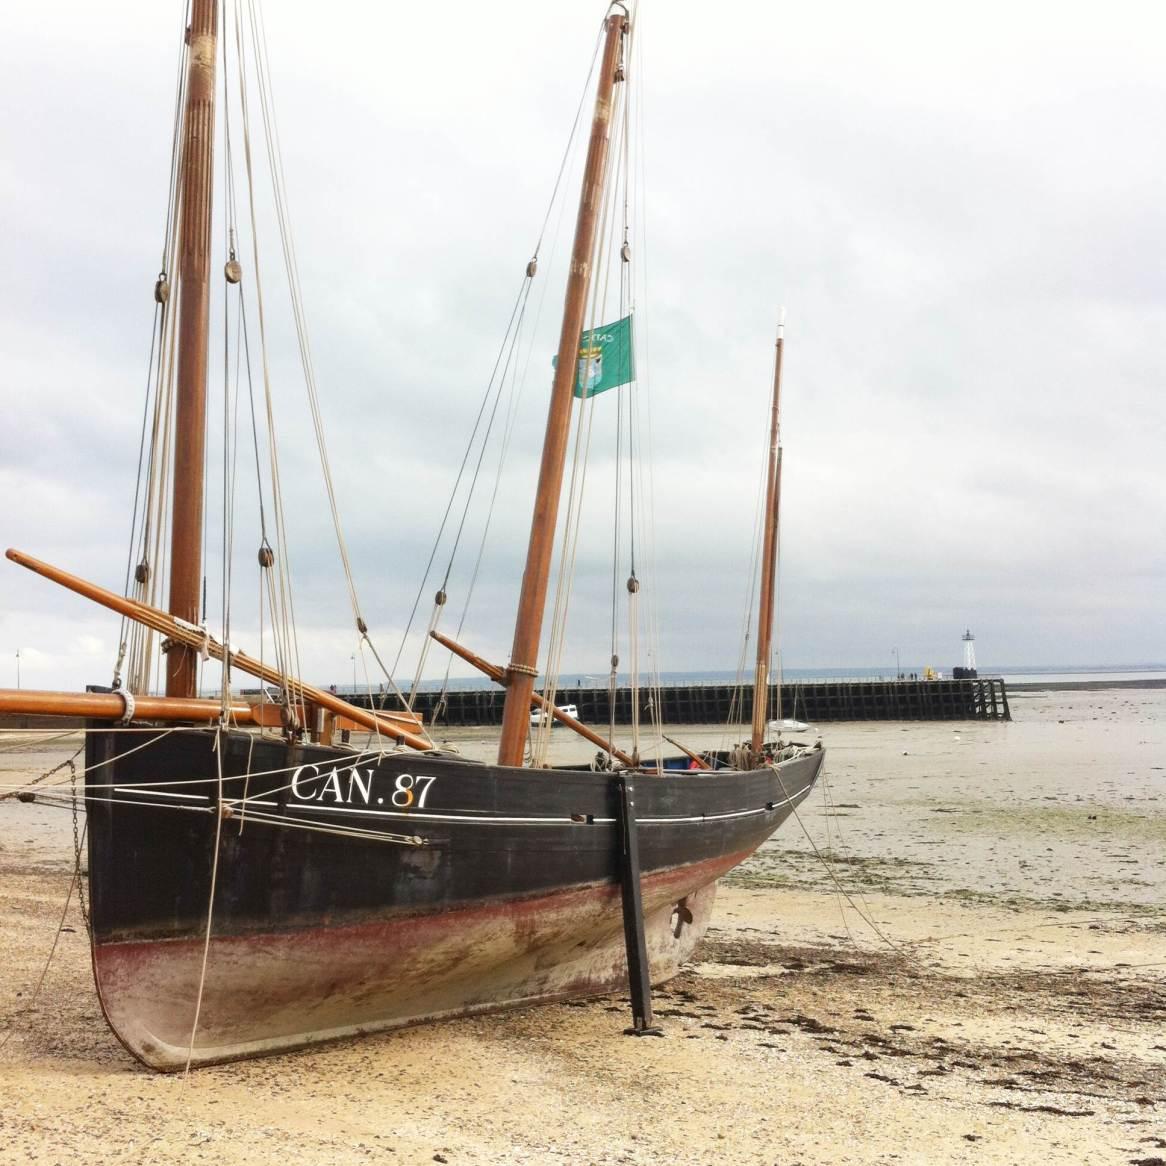 Cancale à marée basse - bateau à voiles